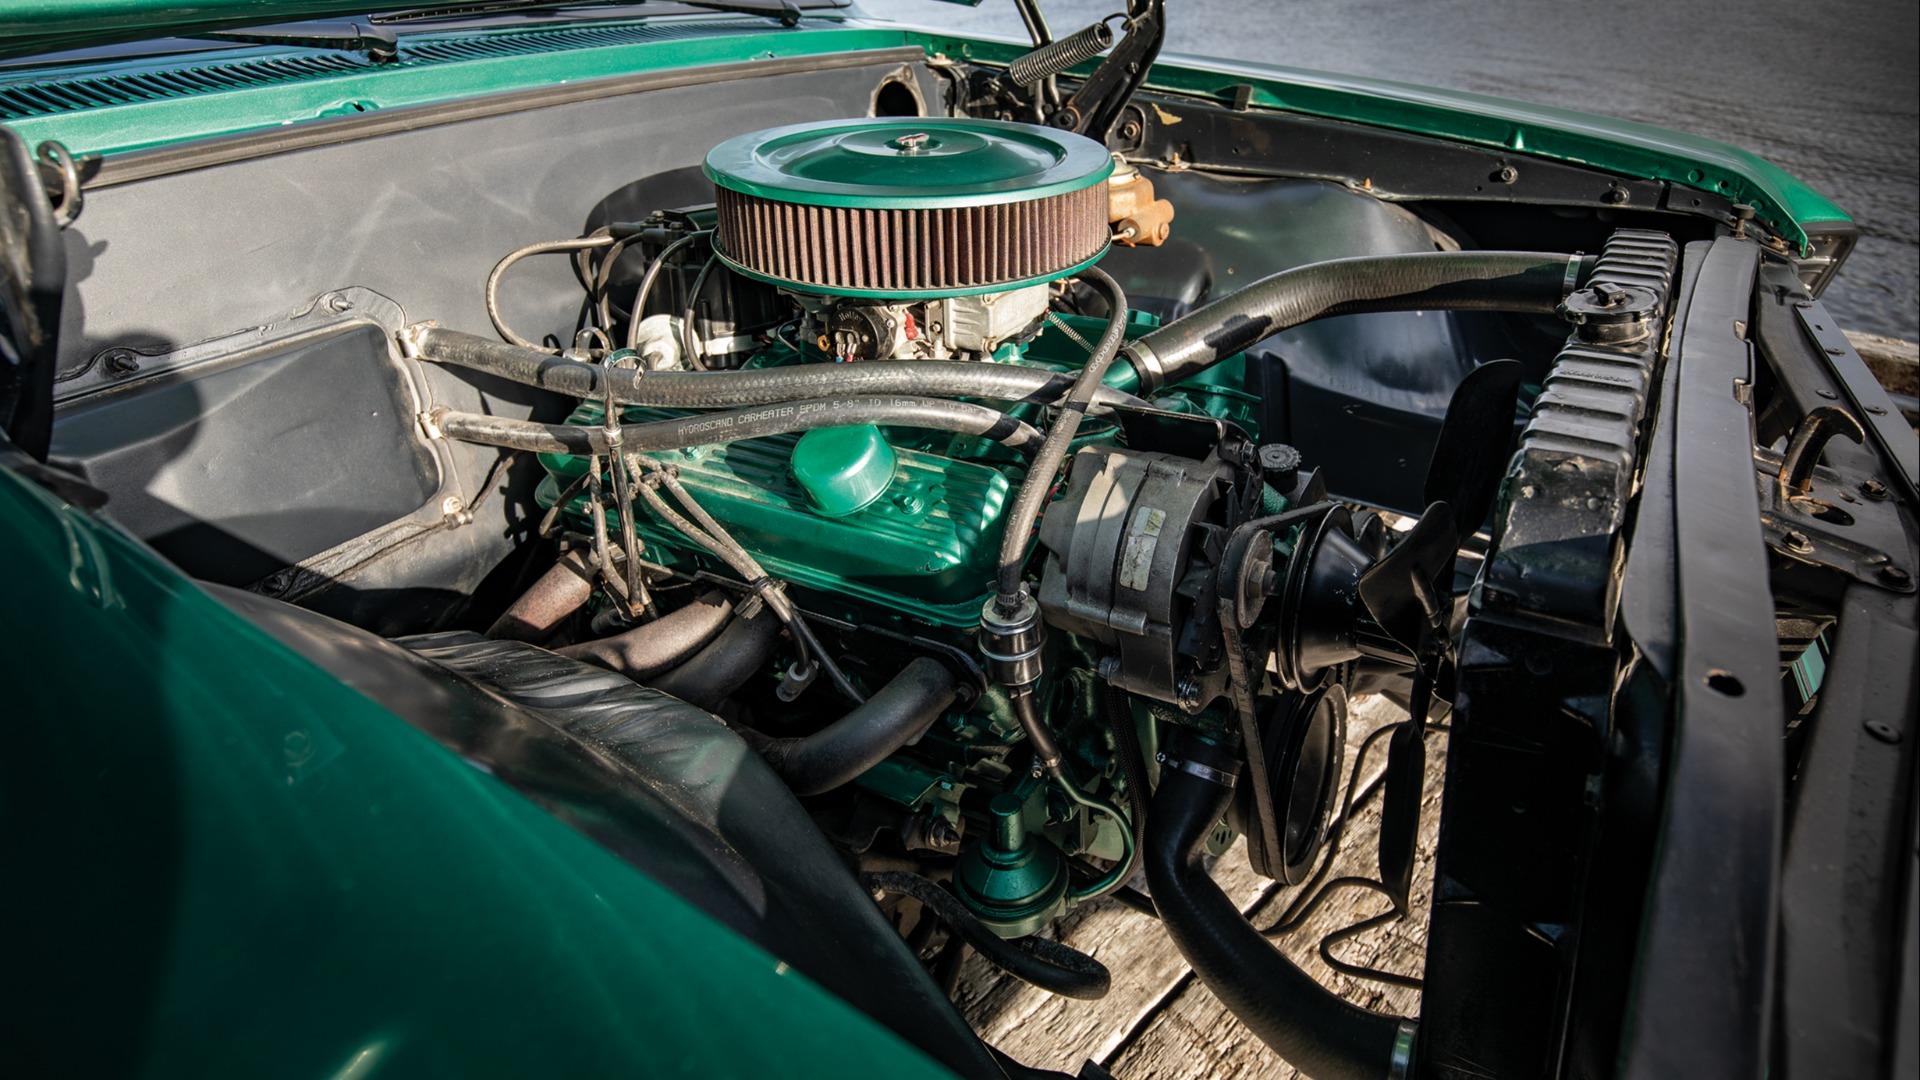 I bilen står en 350 cid med 350 girkasse.